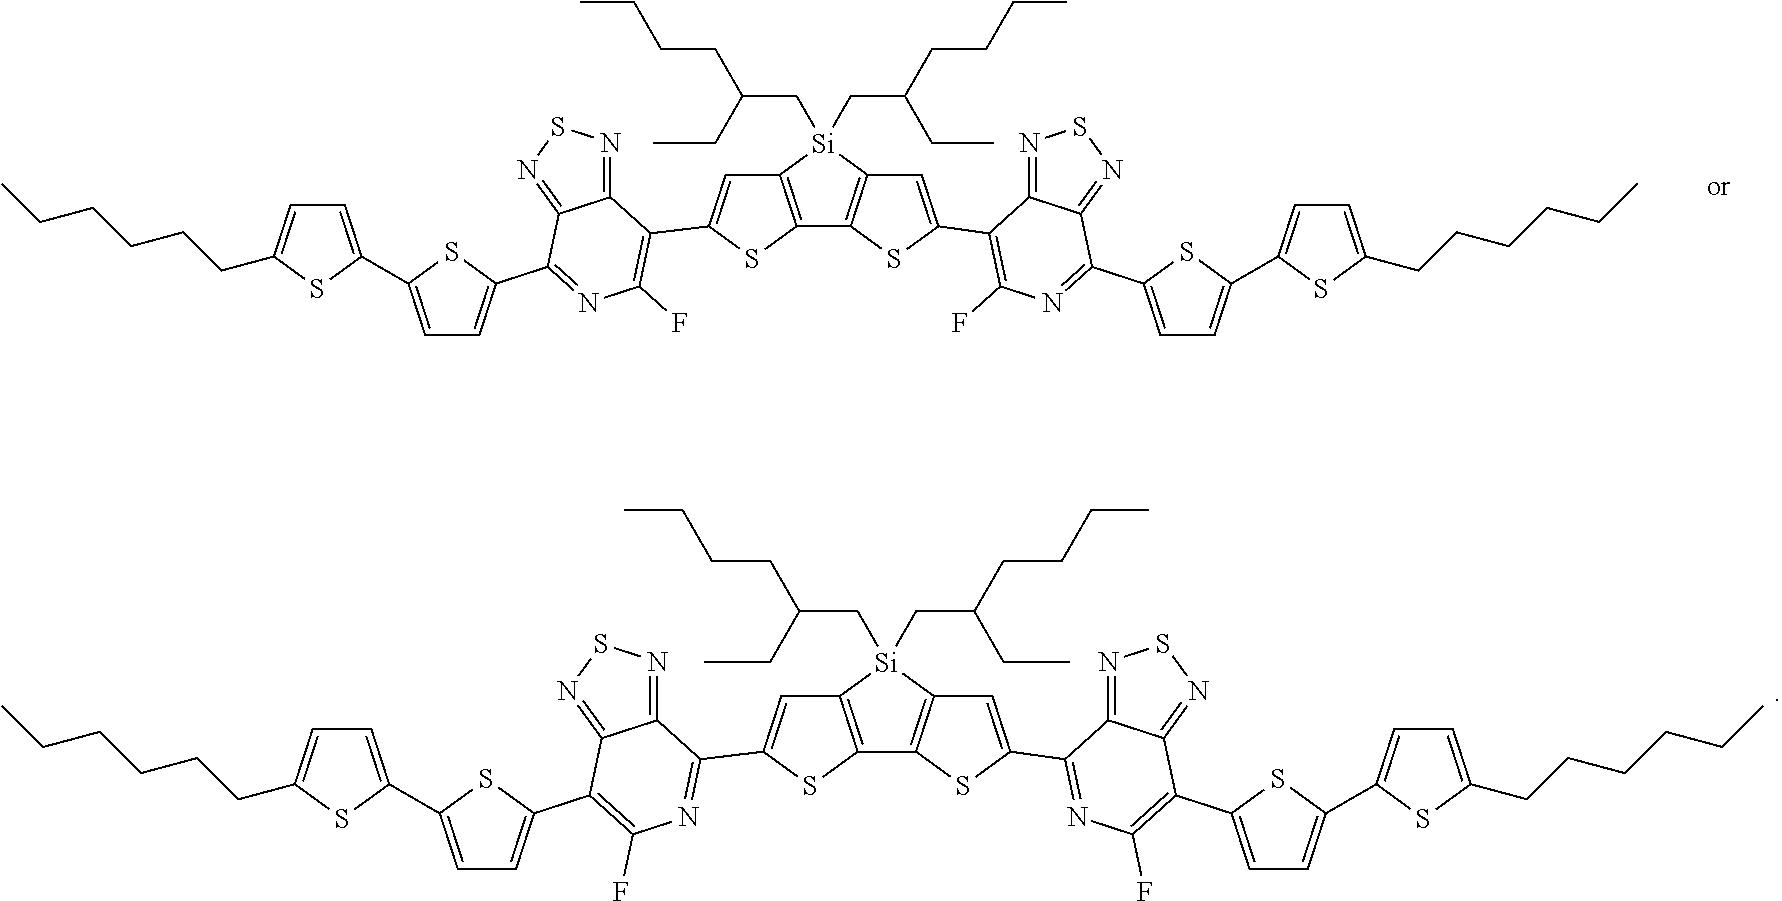 Figure US09865821-20180109-C00032